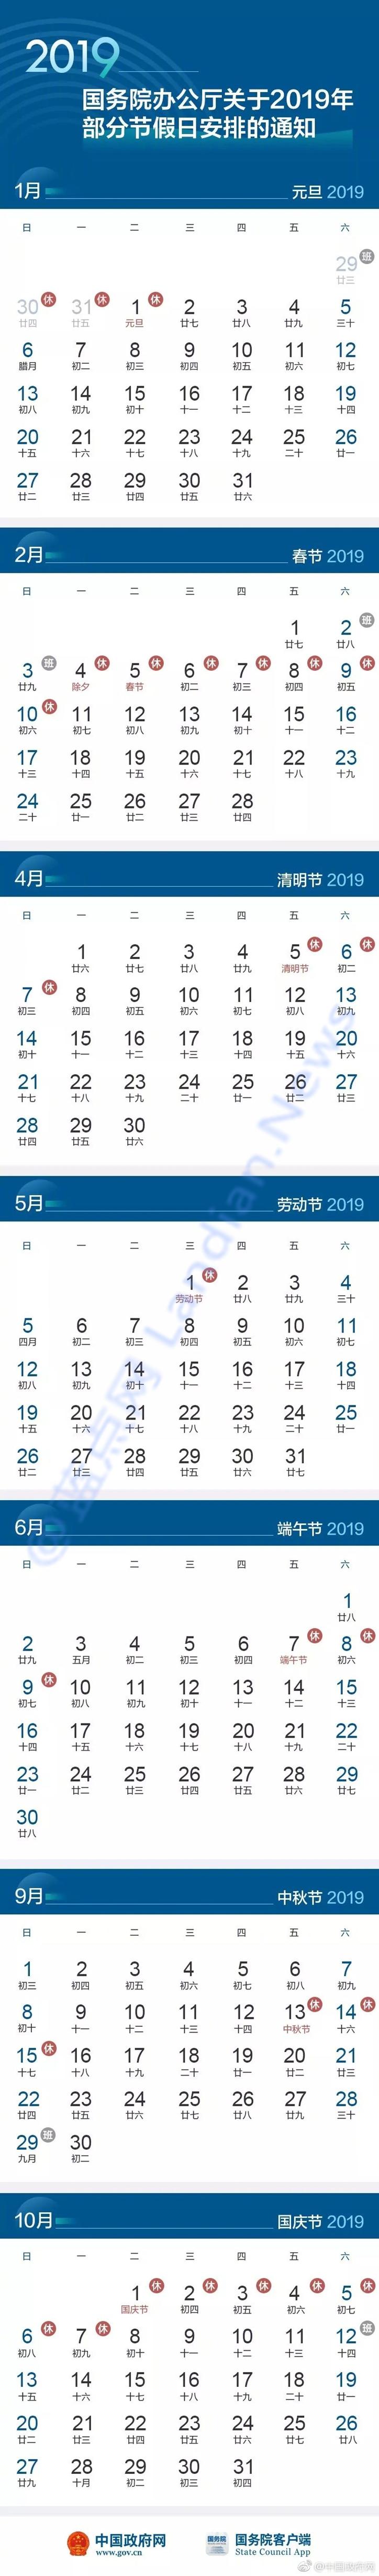 2019年法定节假期及调休公布 劳动节假期只有1天😂